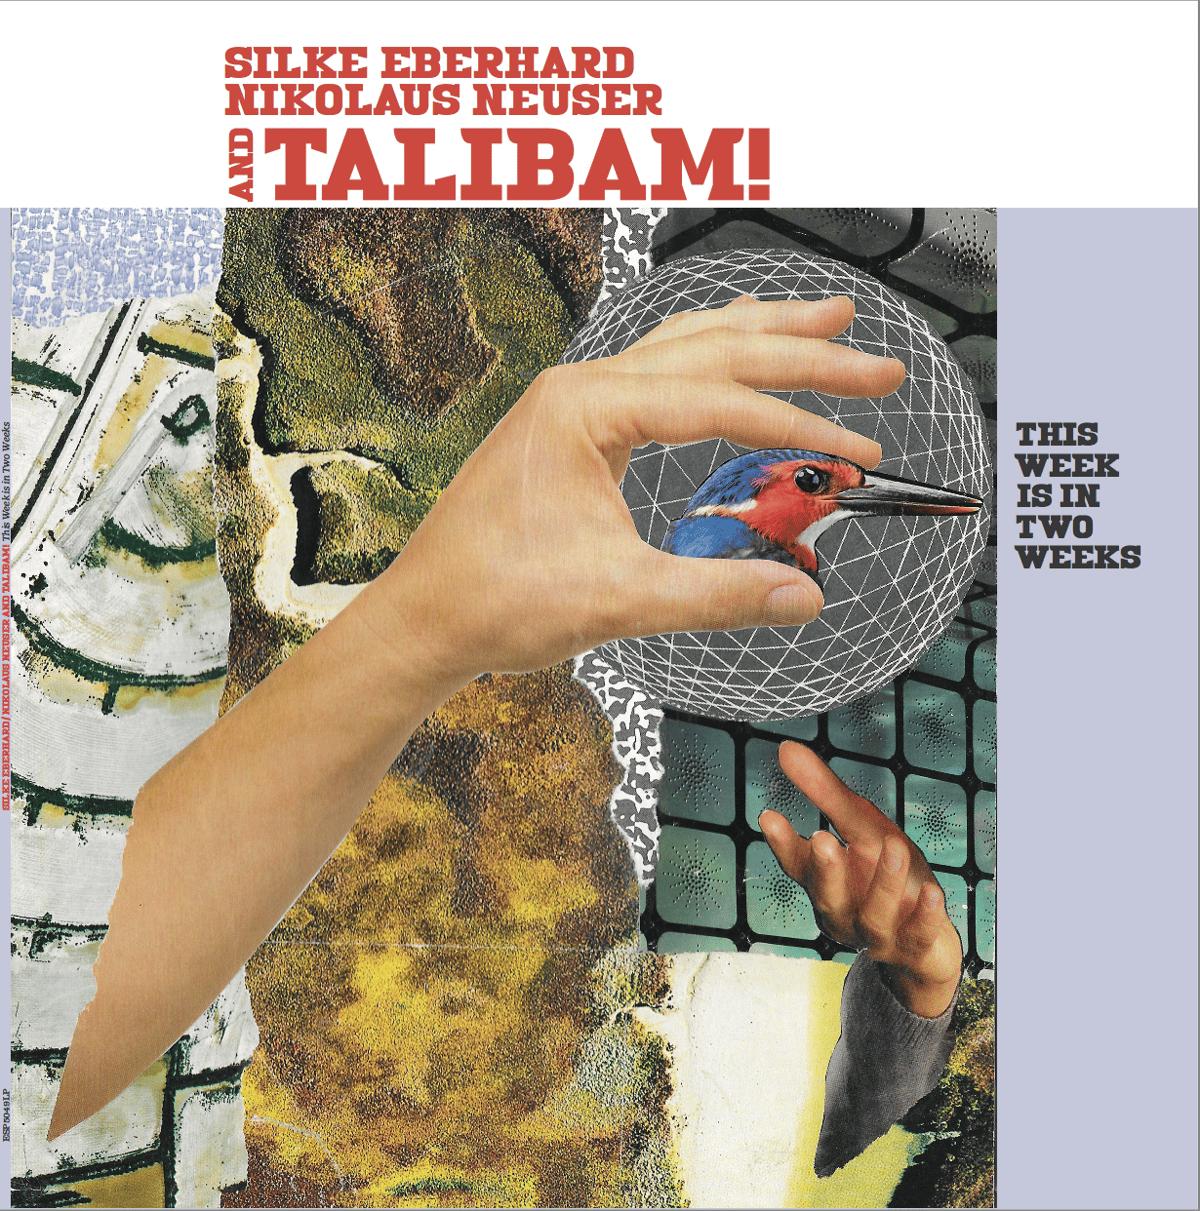 """TALIBAM! with Silke Eberhard & Nikolaus Neuser - """"This Week in in two weeks"""""""